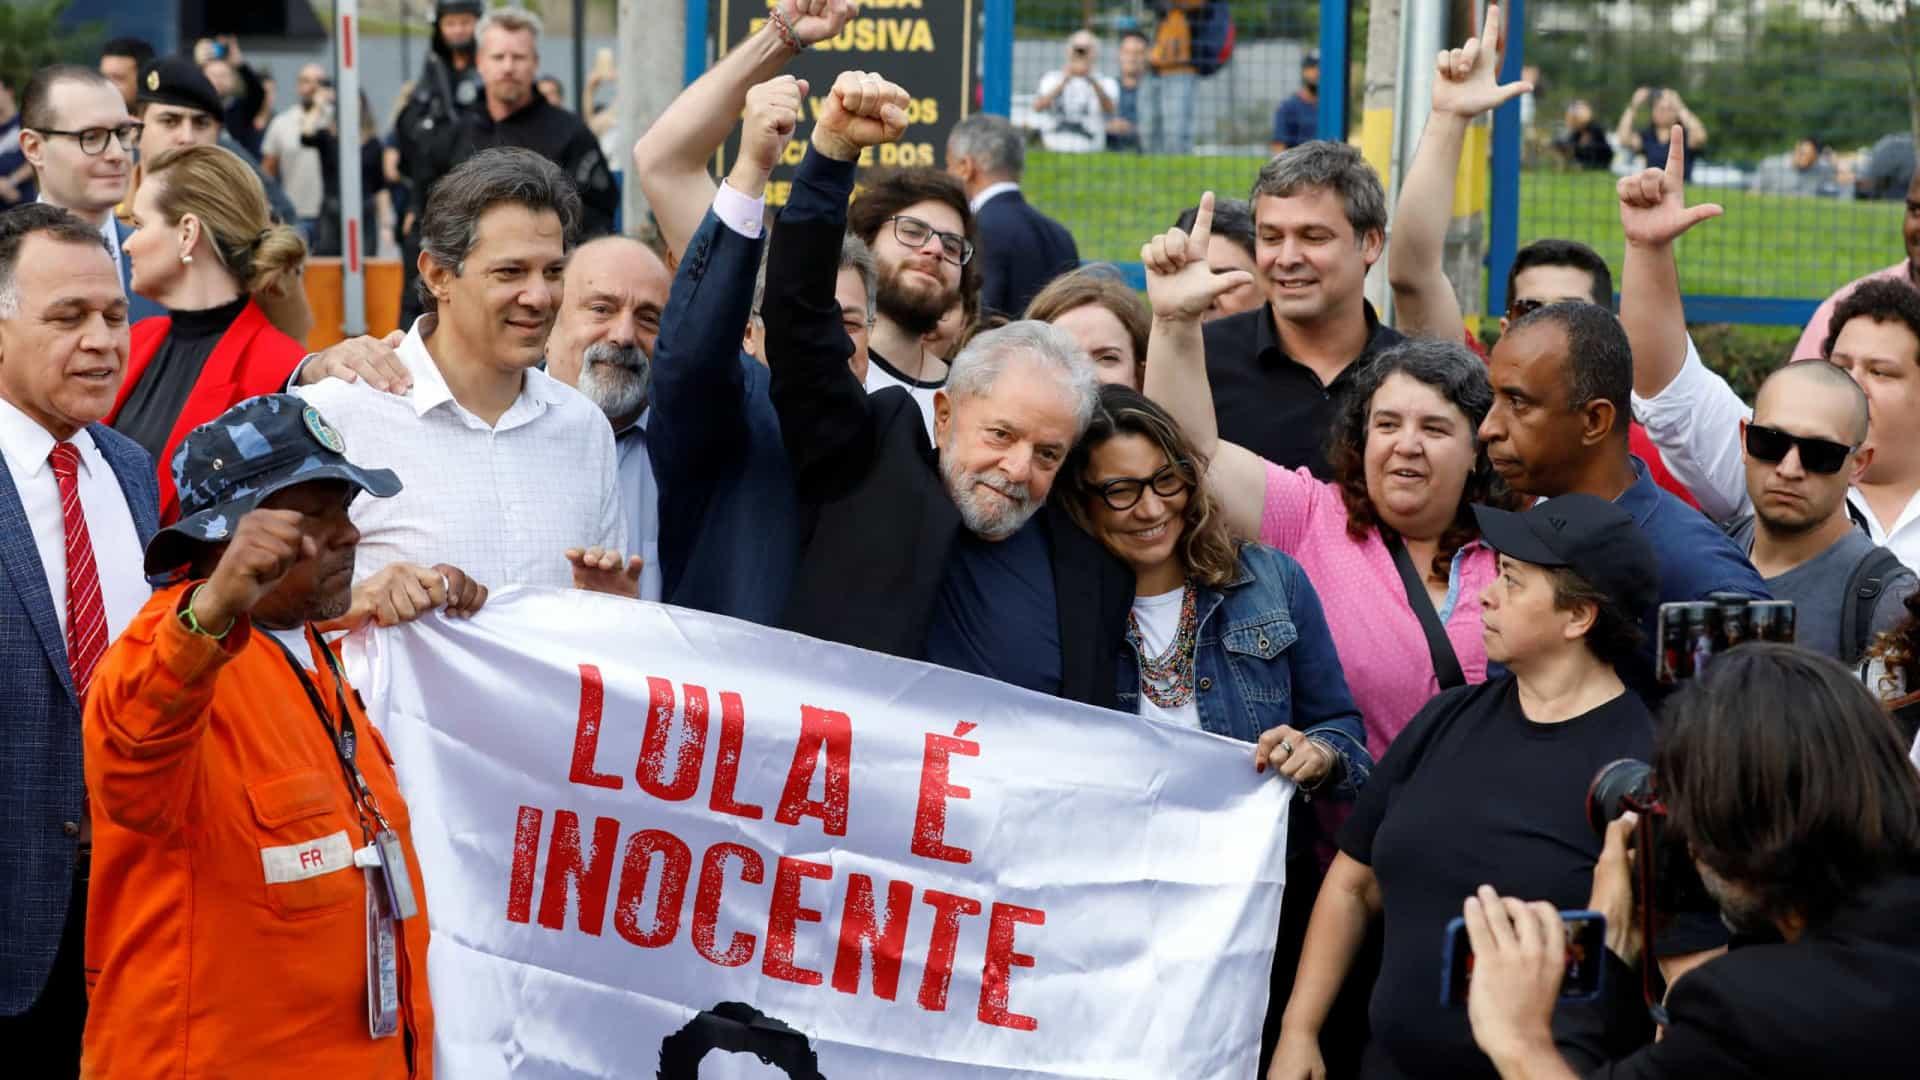 lula da silva libertado - LULA LIVRE - Lula da Silva libertado